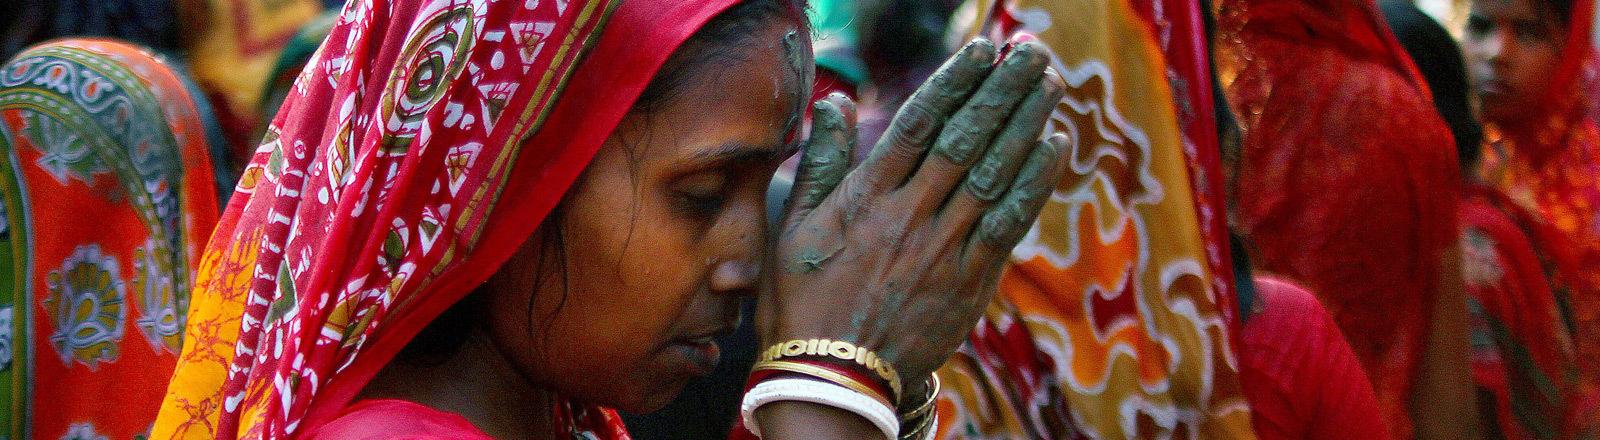 Eine indische Frau betet.